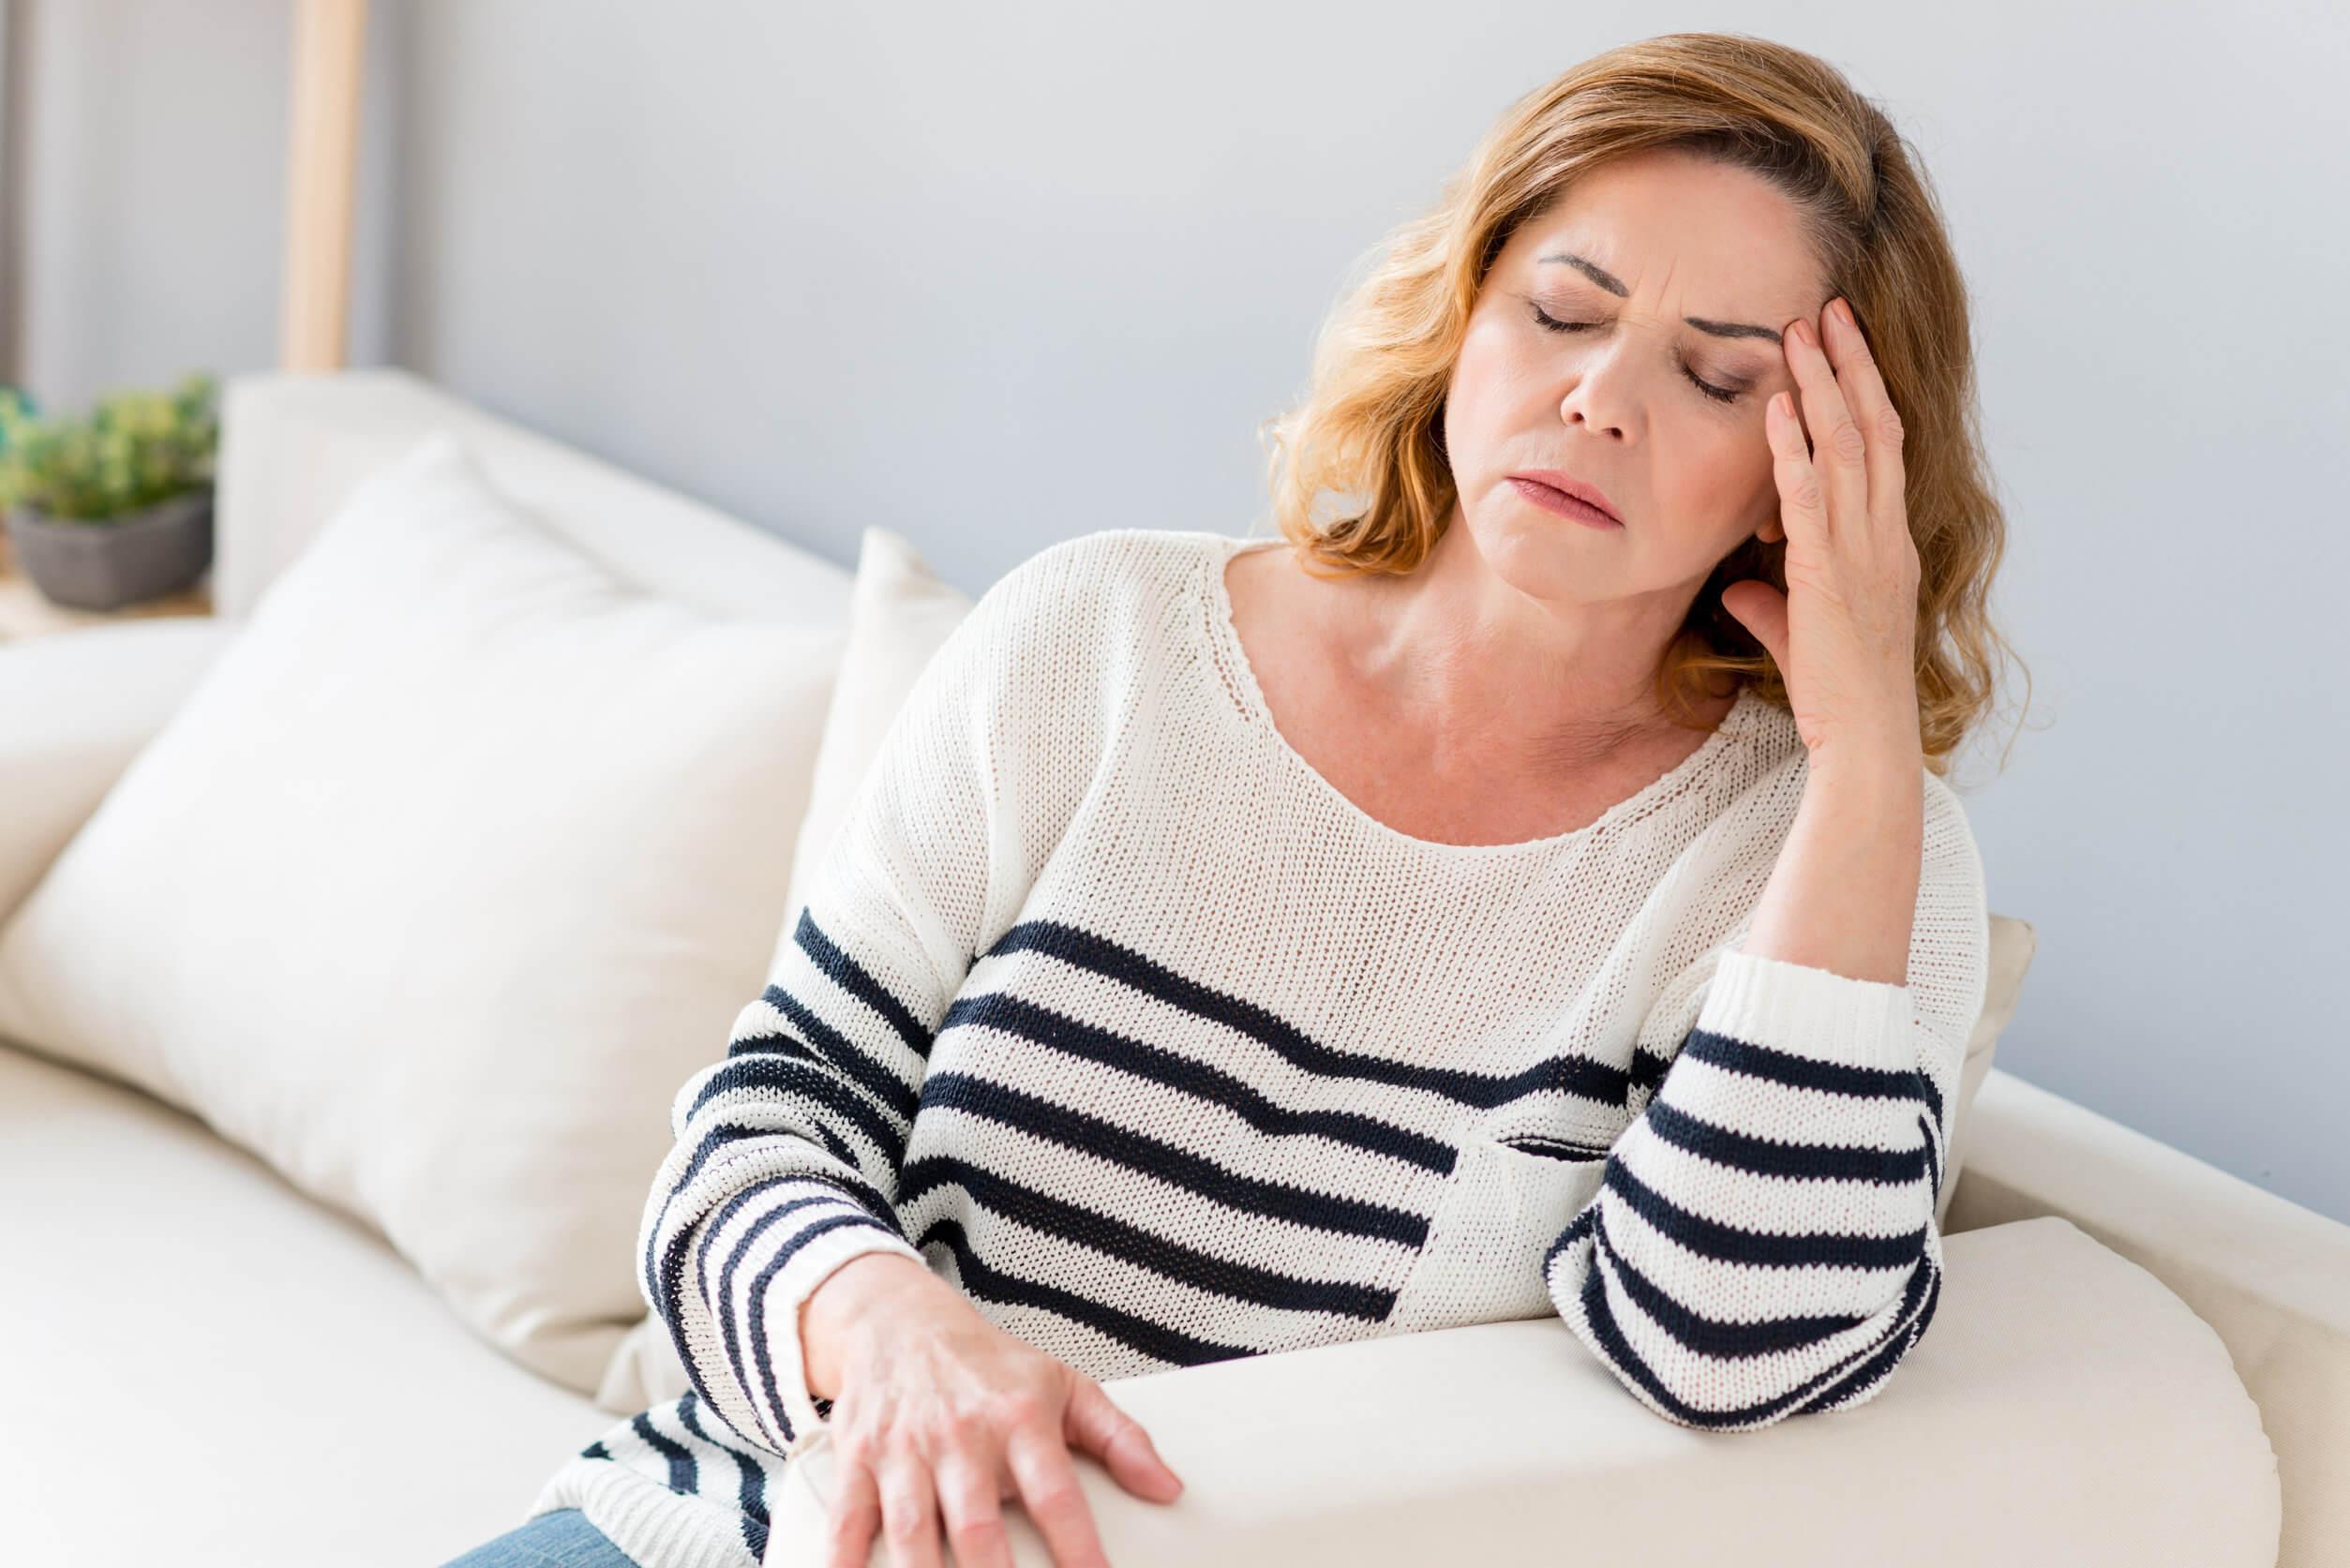 El sentido del olfato también se relaciona con las migrañas